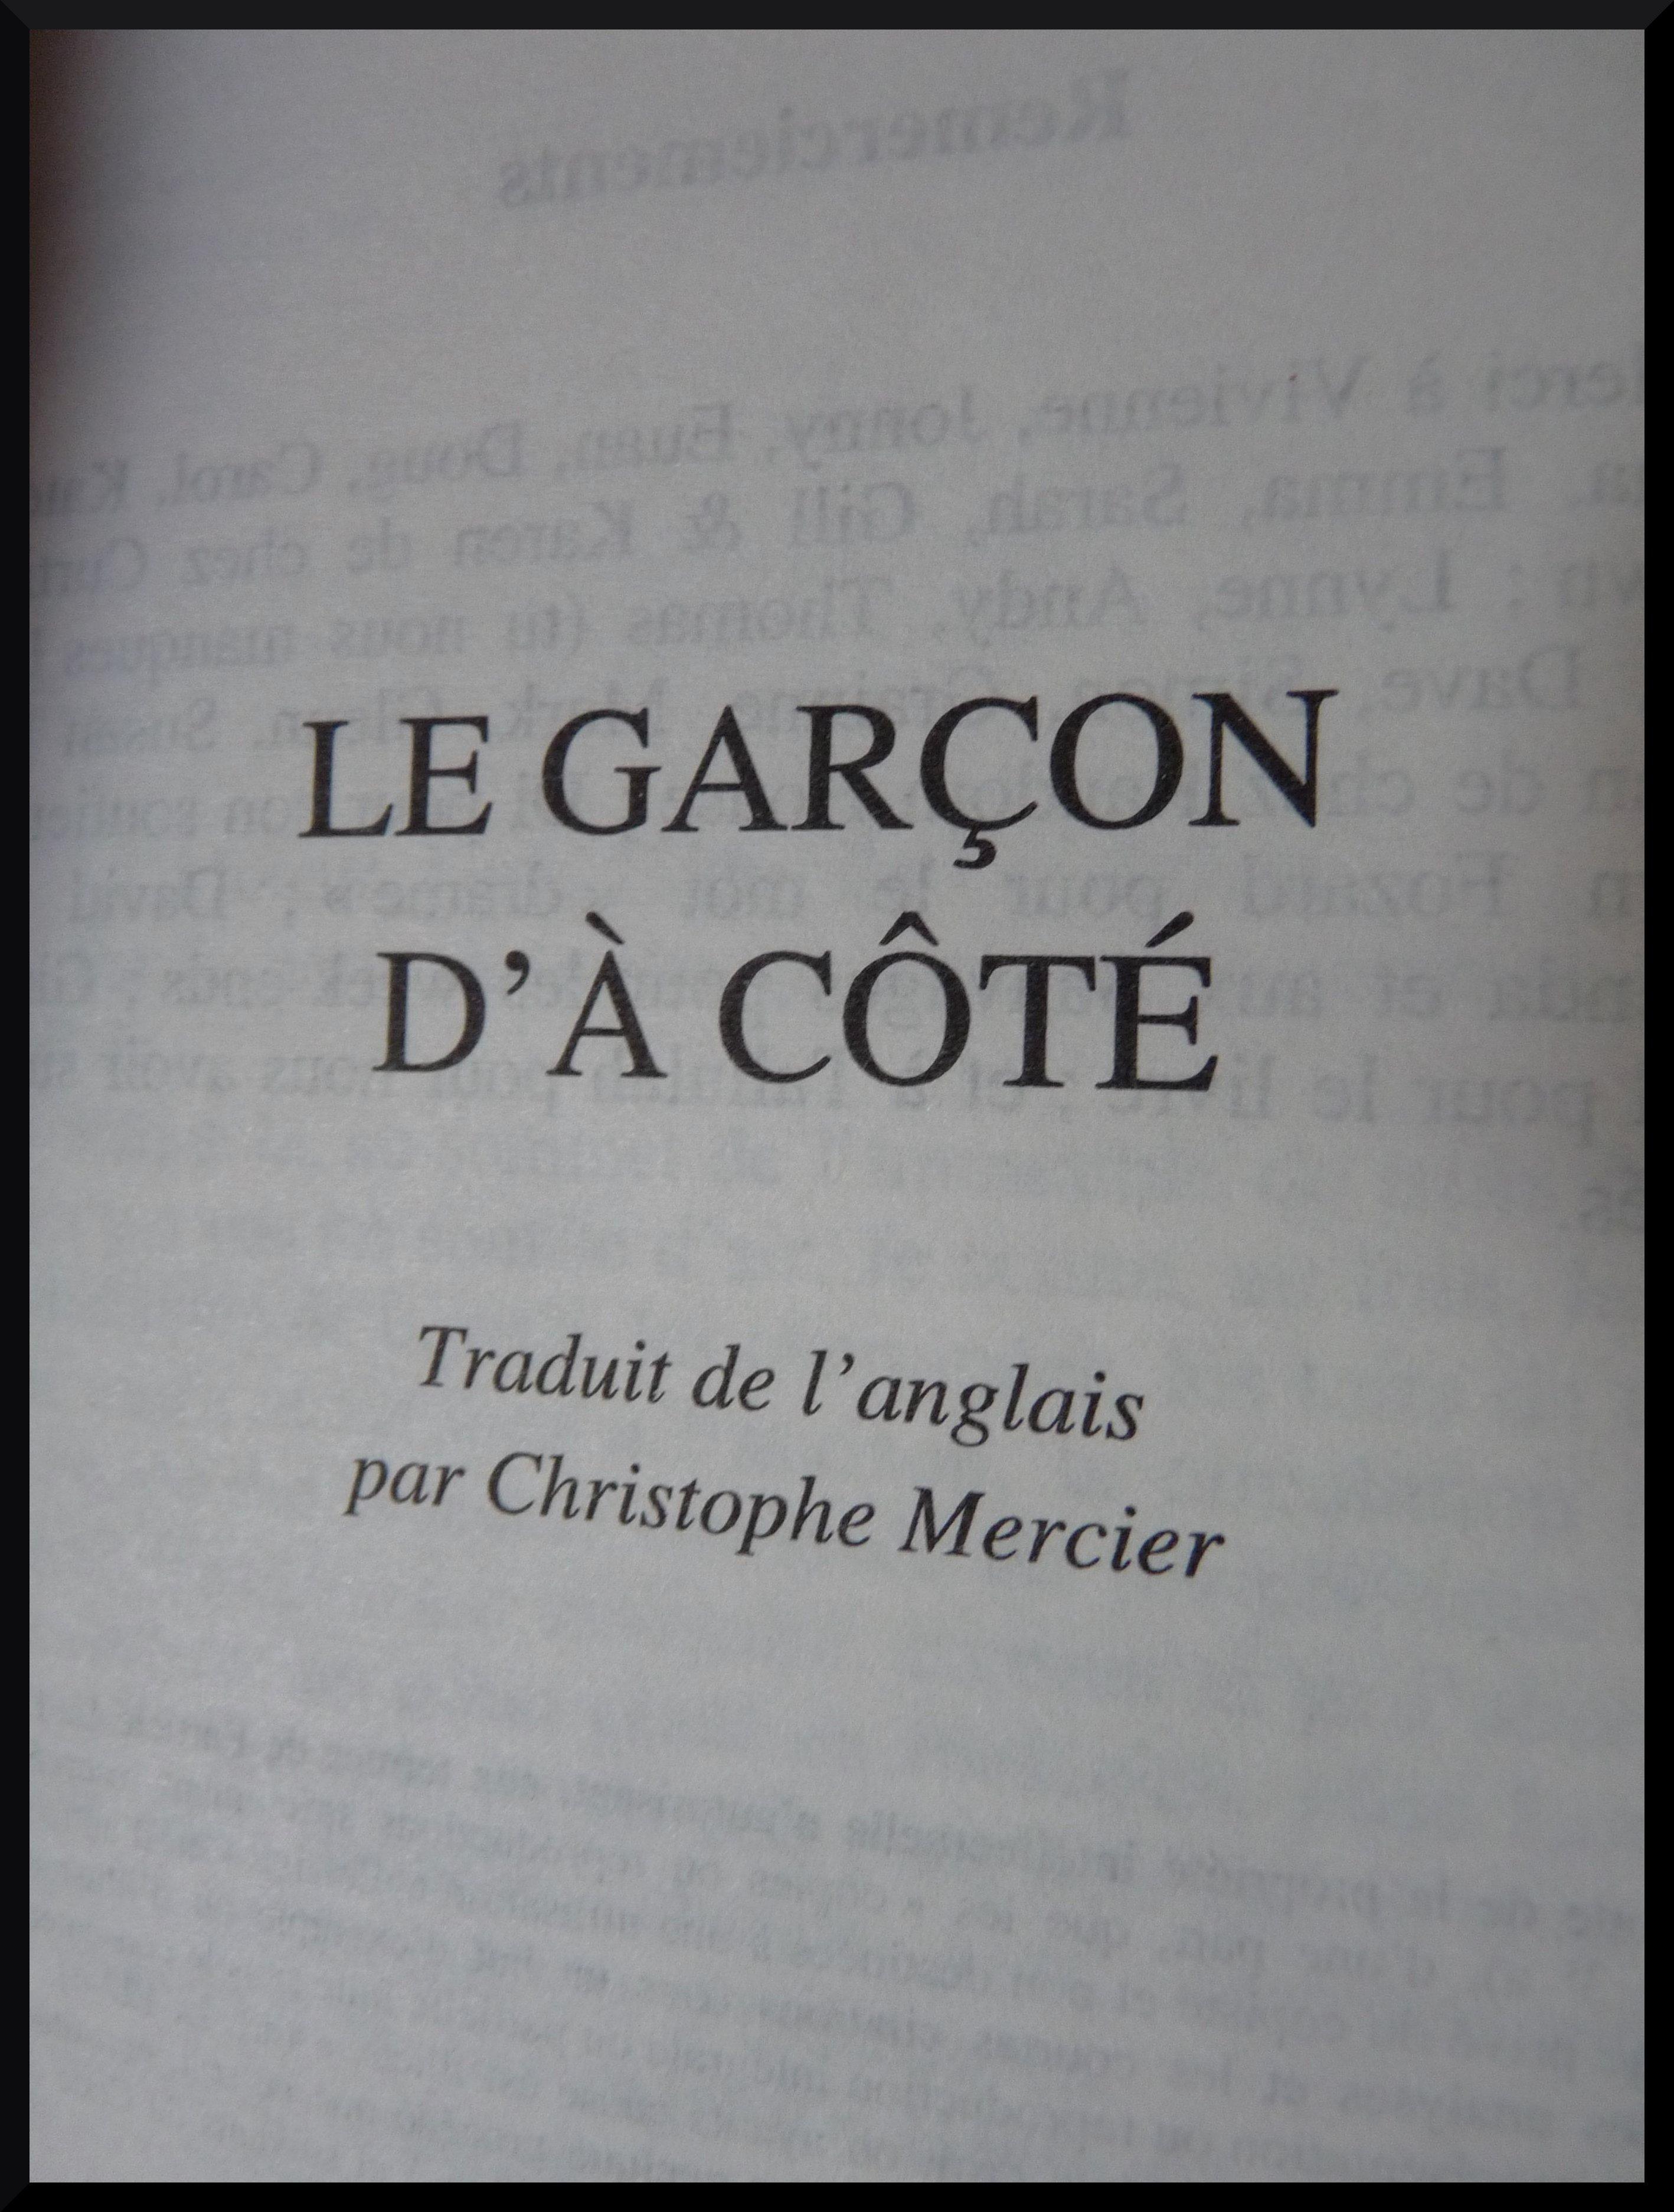 legarçon - 5